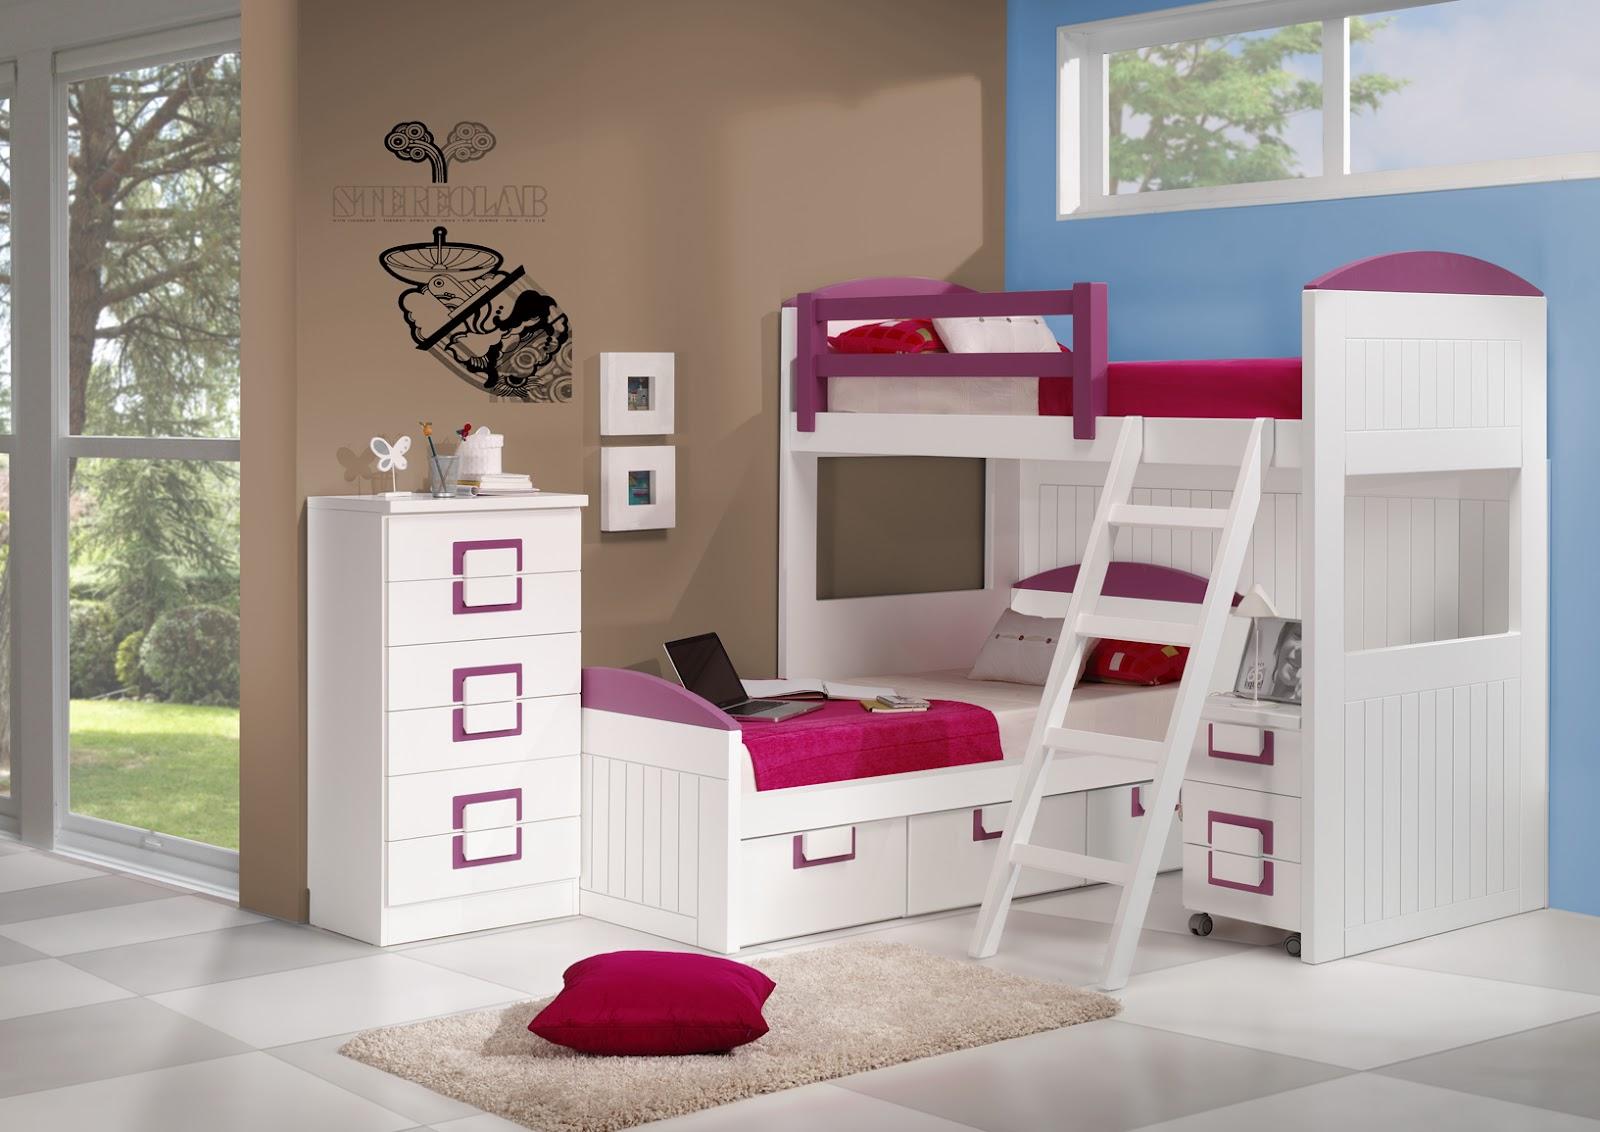 Dormitorios infantiles para ni as ni os de 0 1 2 3 4 y 5 a os - Decoracion habitacion nina de 5 anos ...